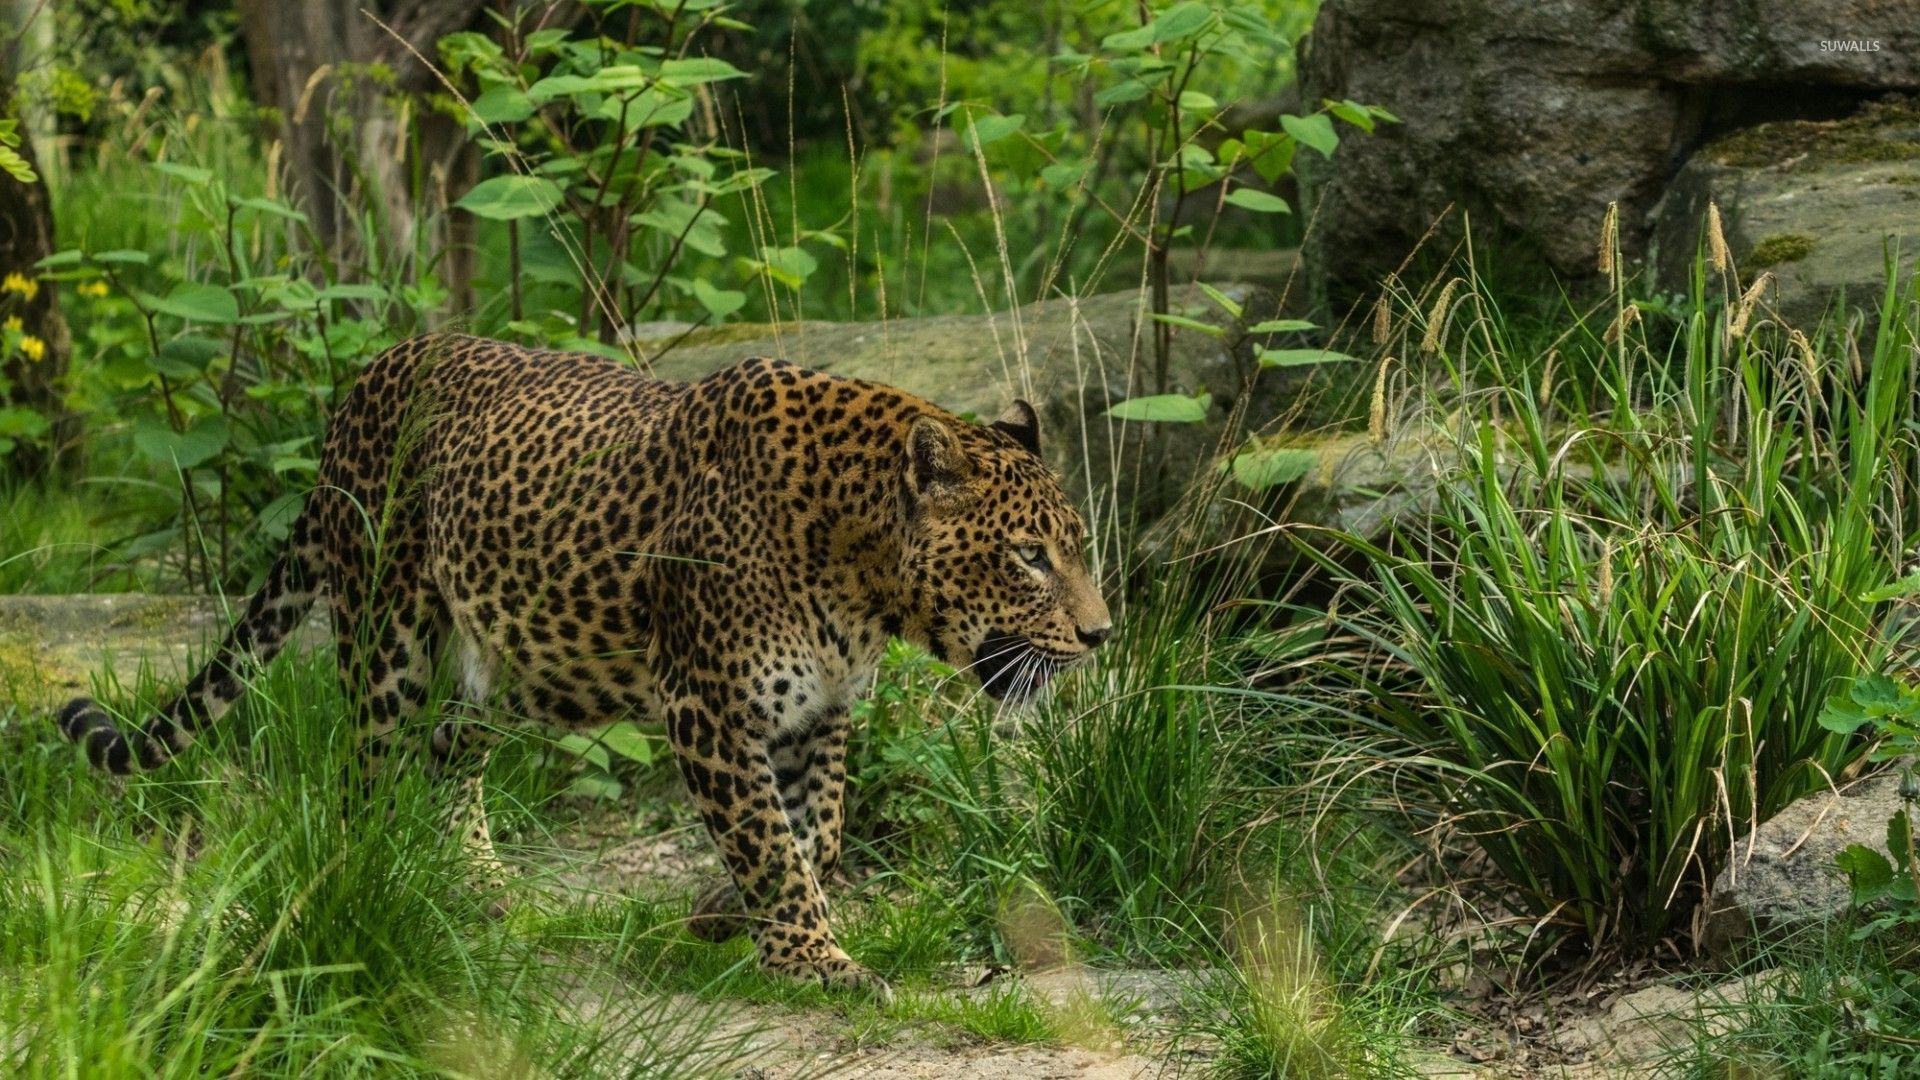 леопард пасть хищник лес без регистрации